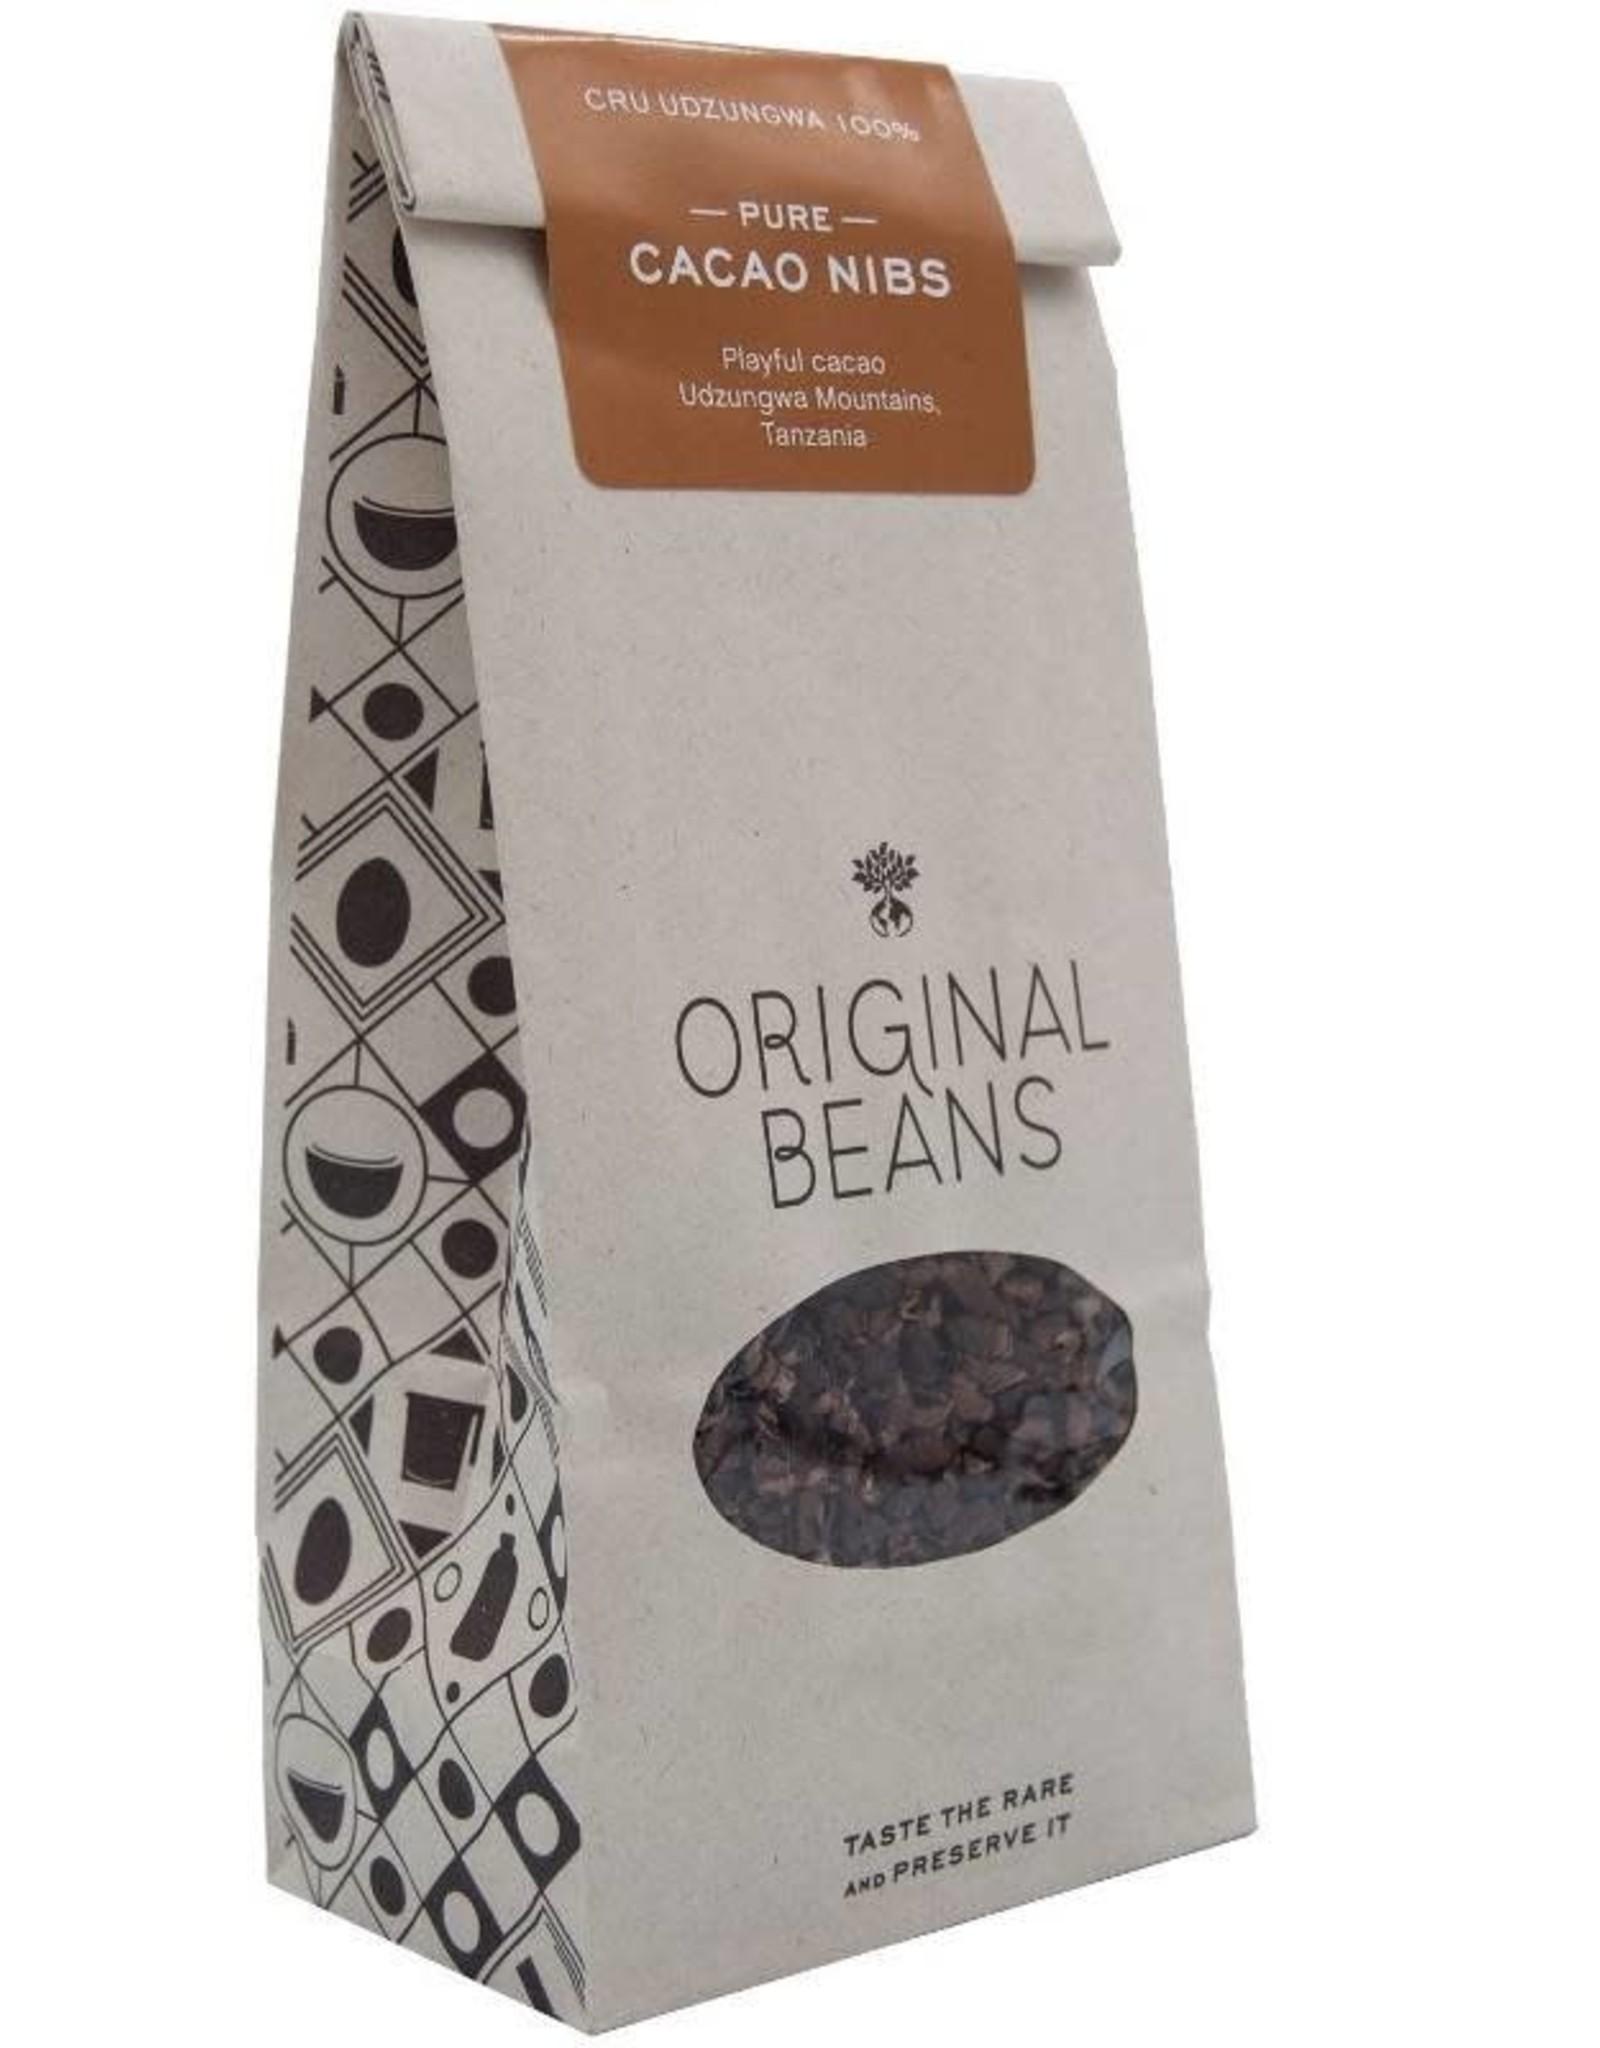 Original Beans Udzungwa pure cacao nibs